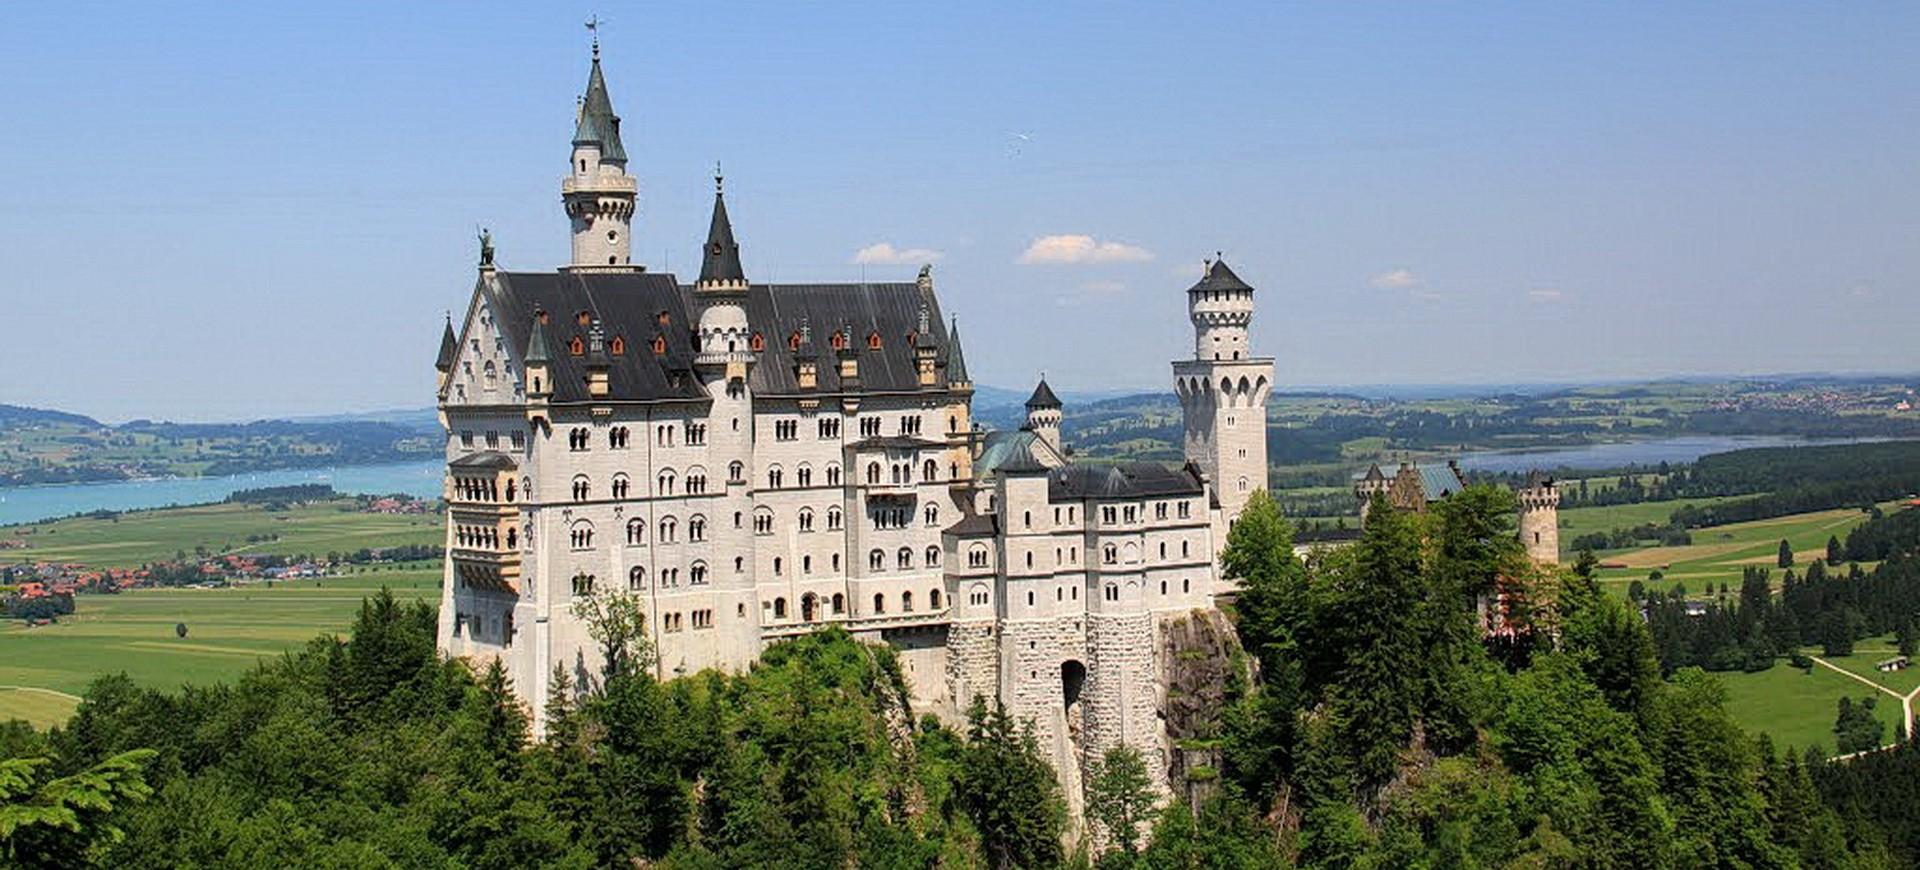 Allemagne Fussen Chateau Neuschwanstein